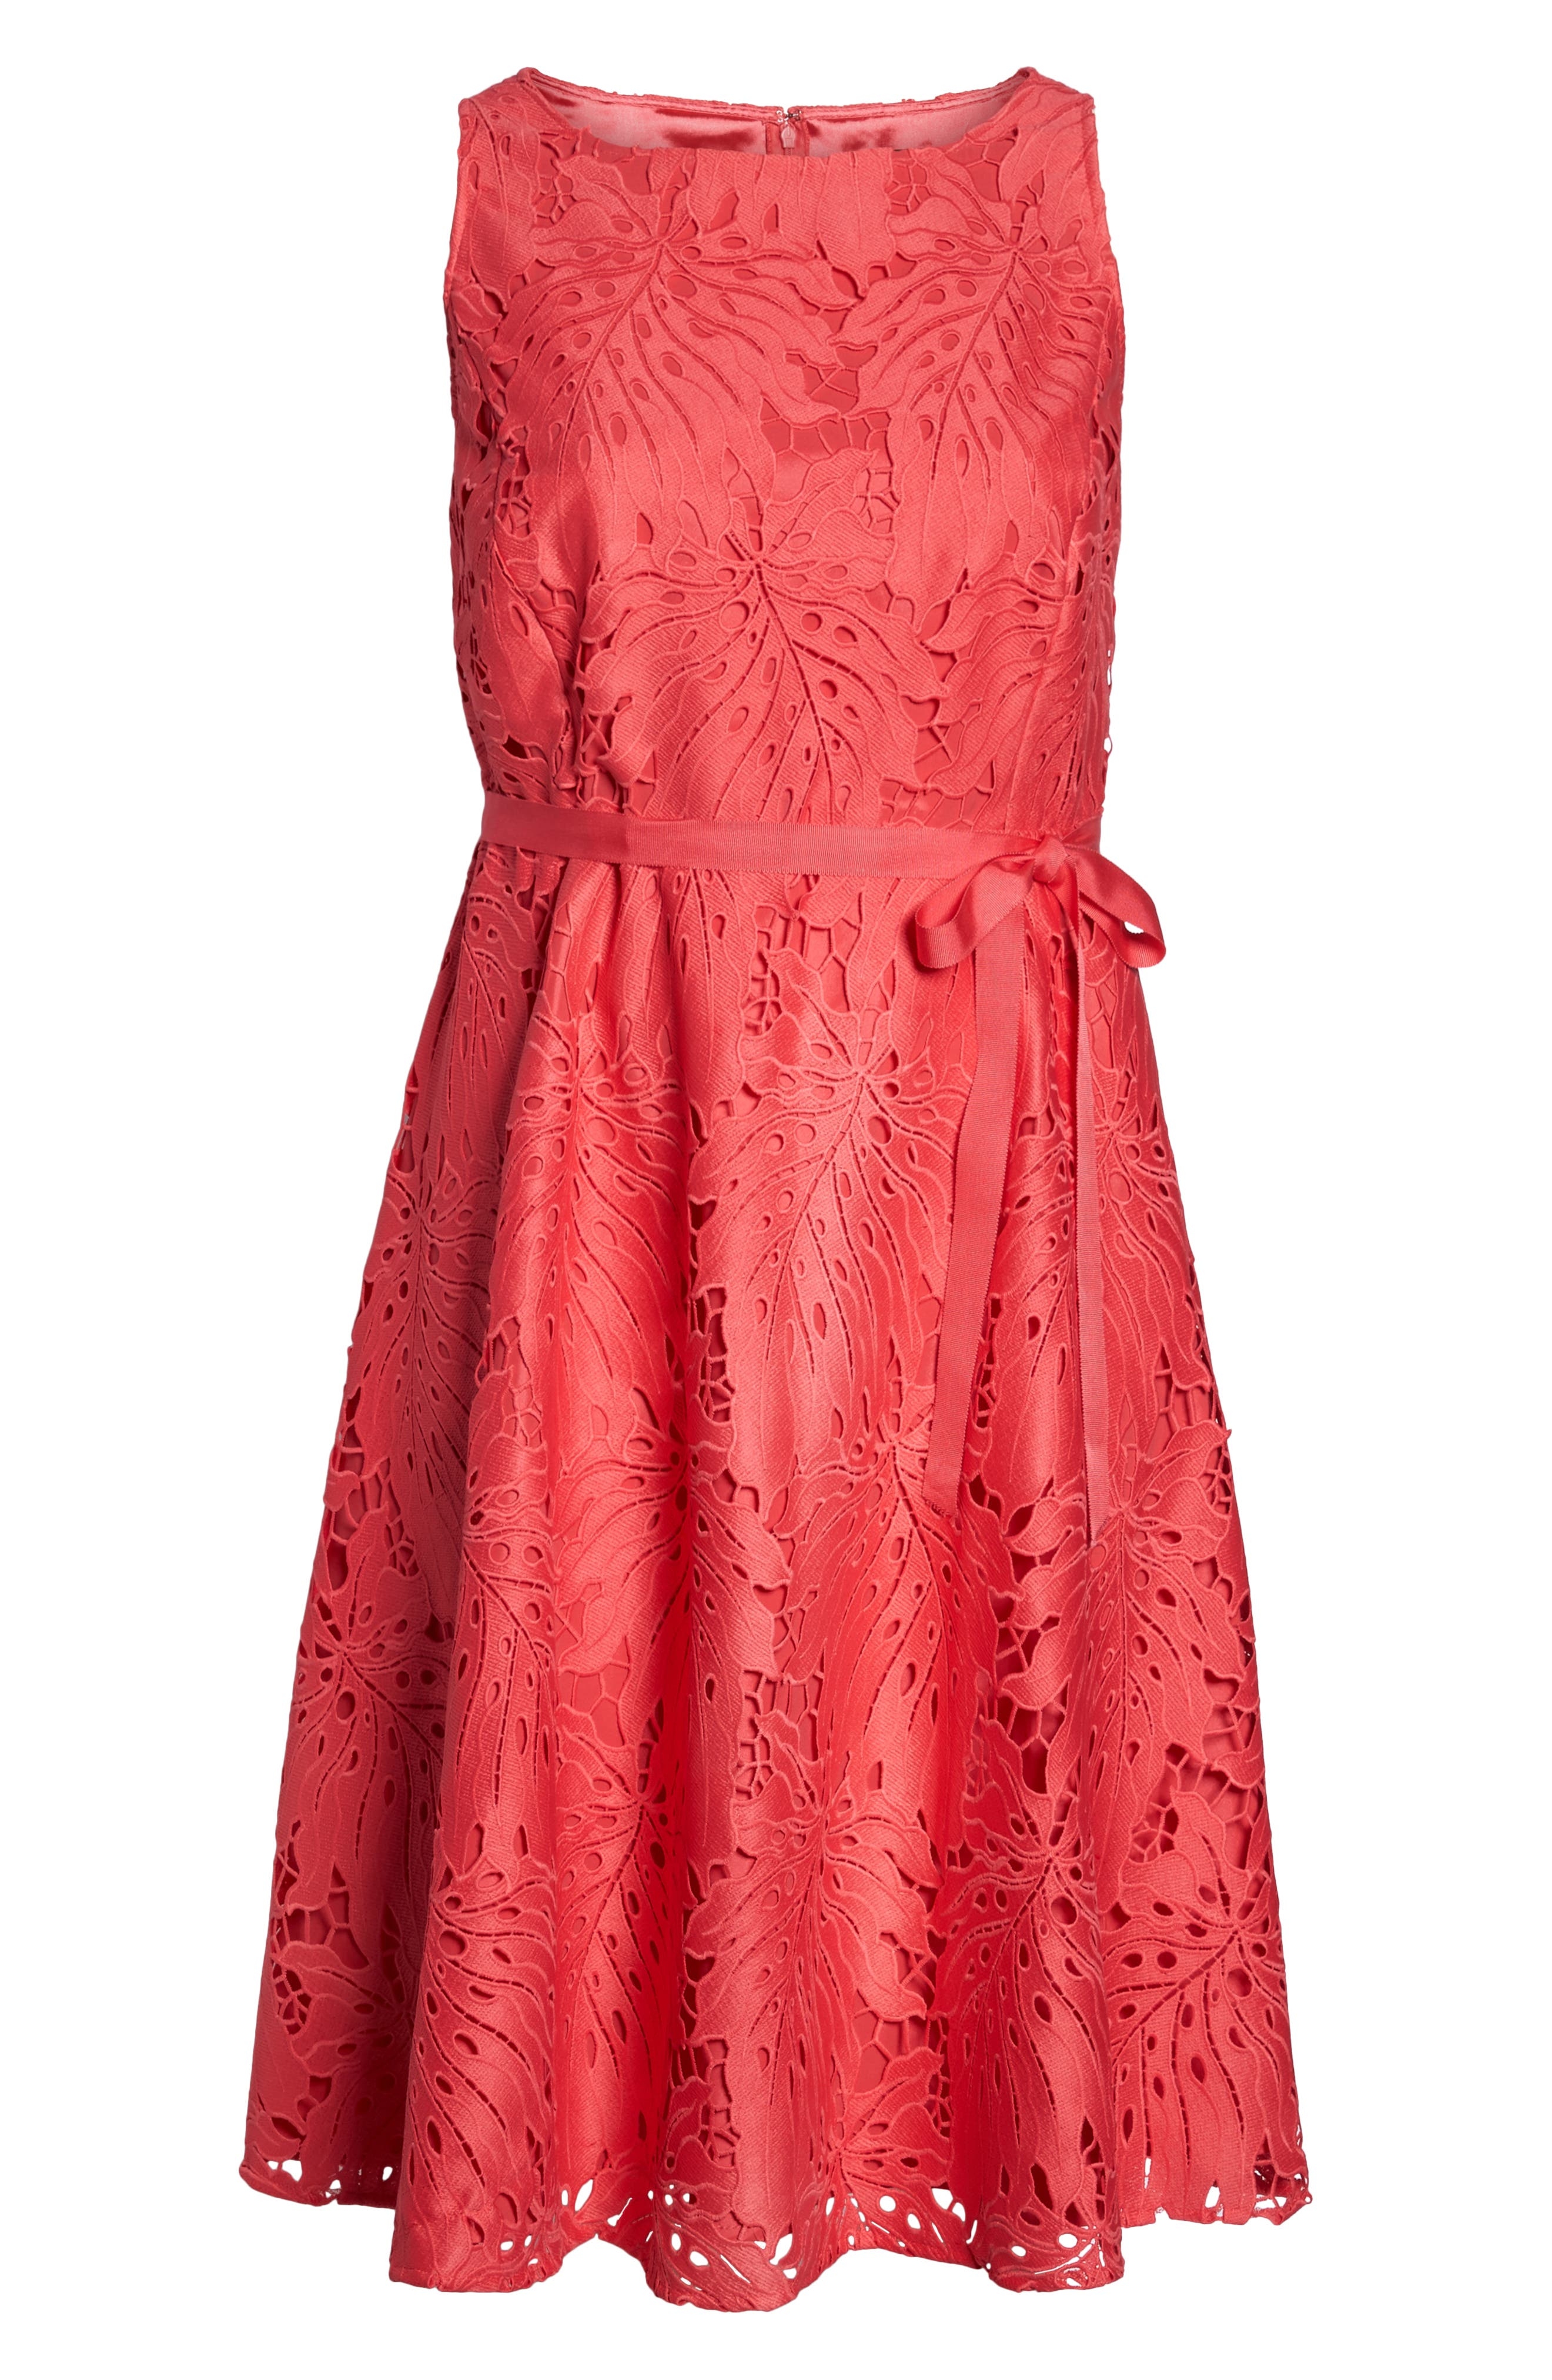 Palm Leaf Chemical Lace A-Line Dress,                             Alternate thumbnail 7, color,                             659